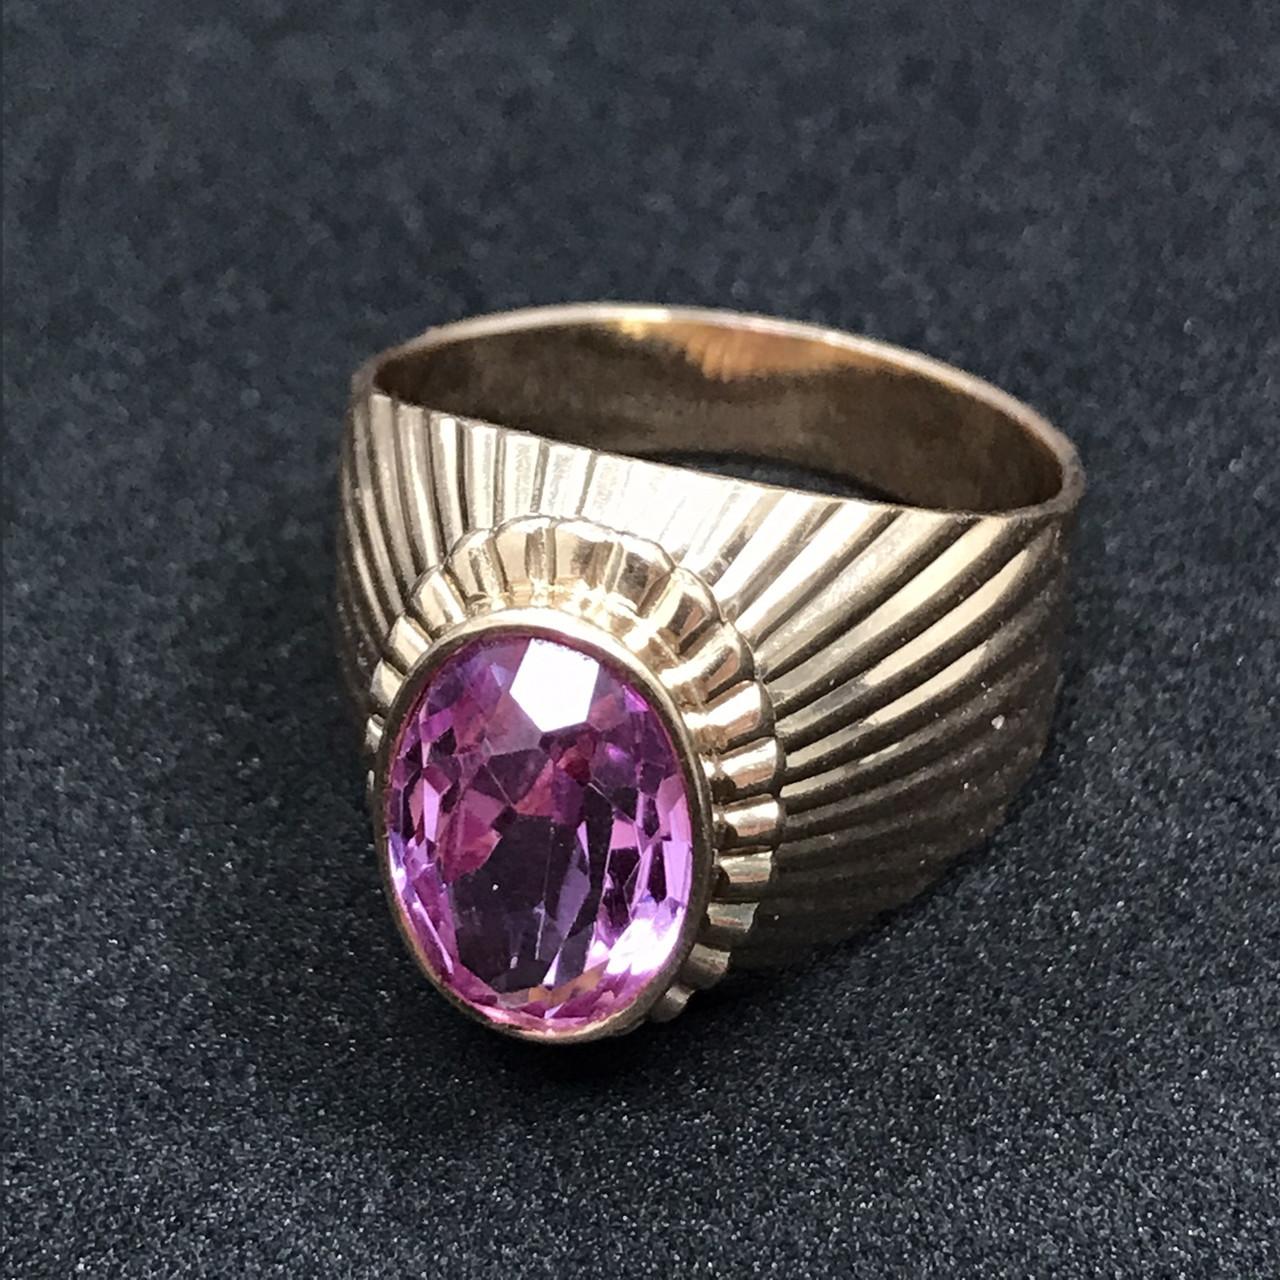 Золотое кольцо с фианитами 583 пробы, вес 8,18 г. Б/у. Продажа по Украине